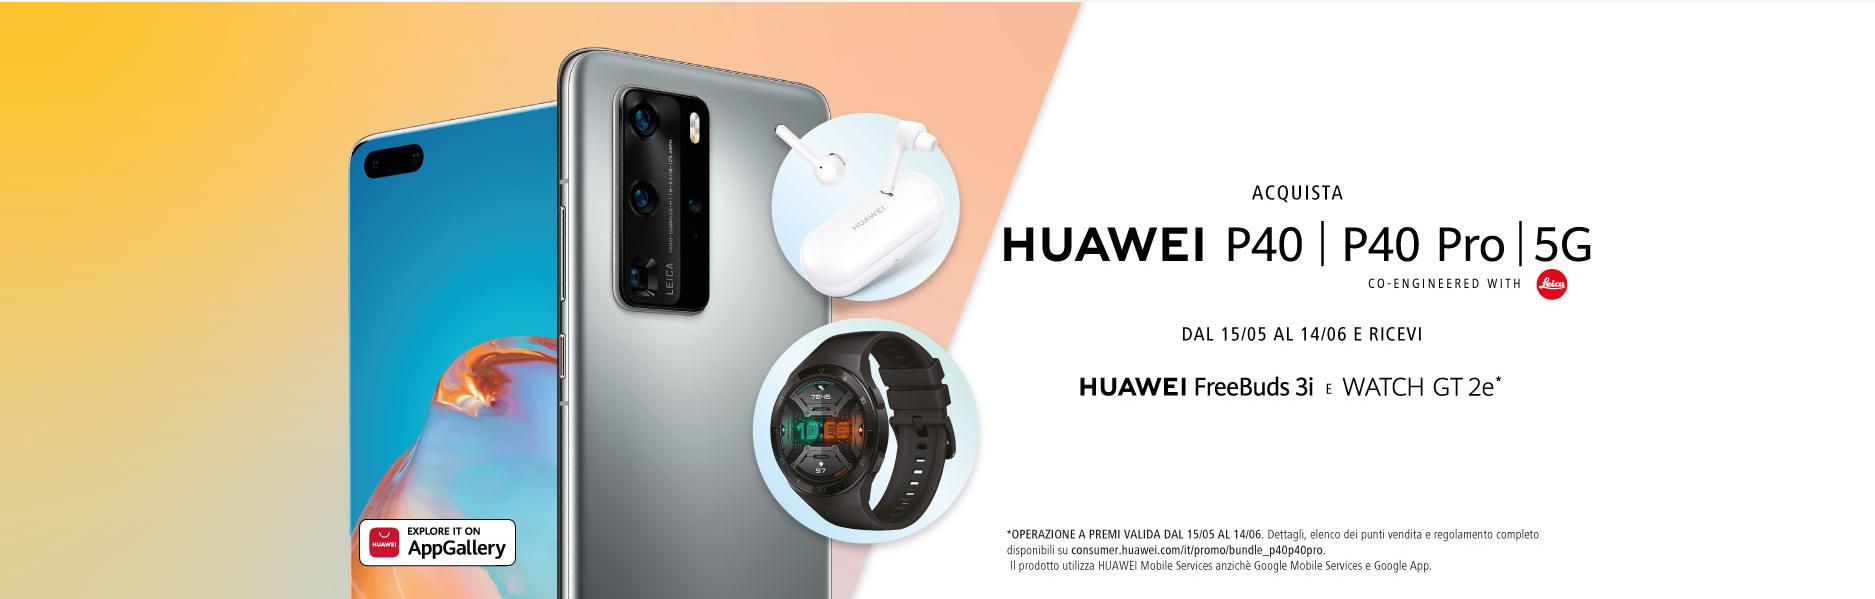 screenshot consumer.huawei.com 2020.05.15 17 30 48